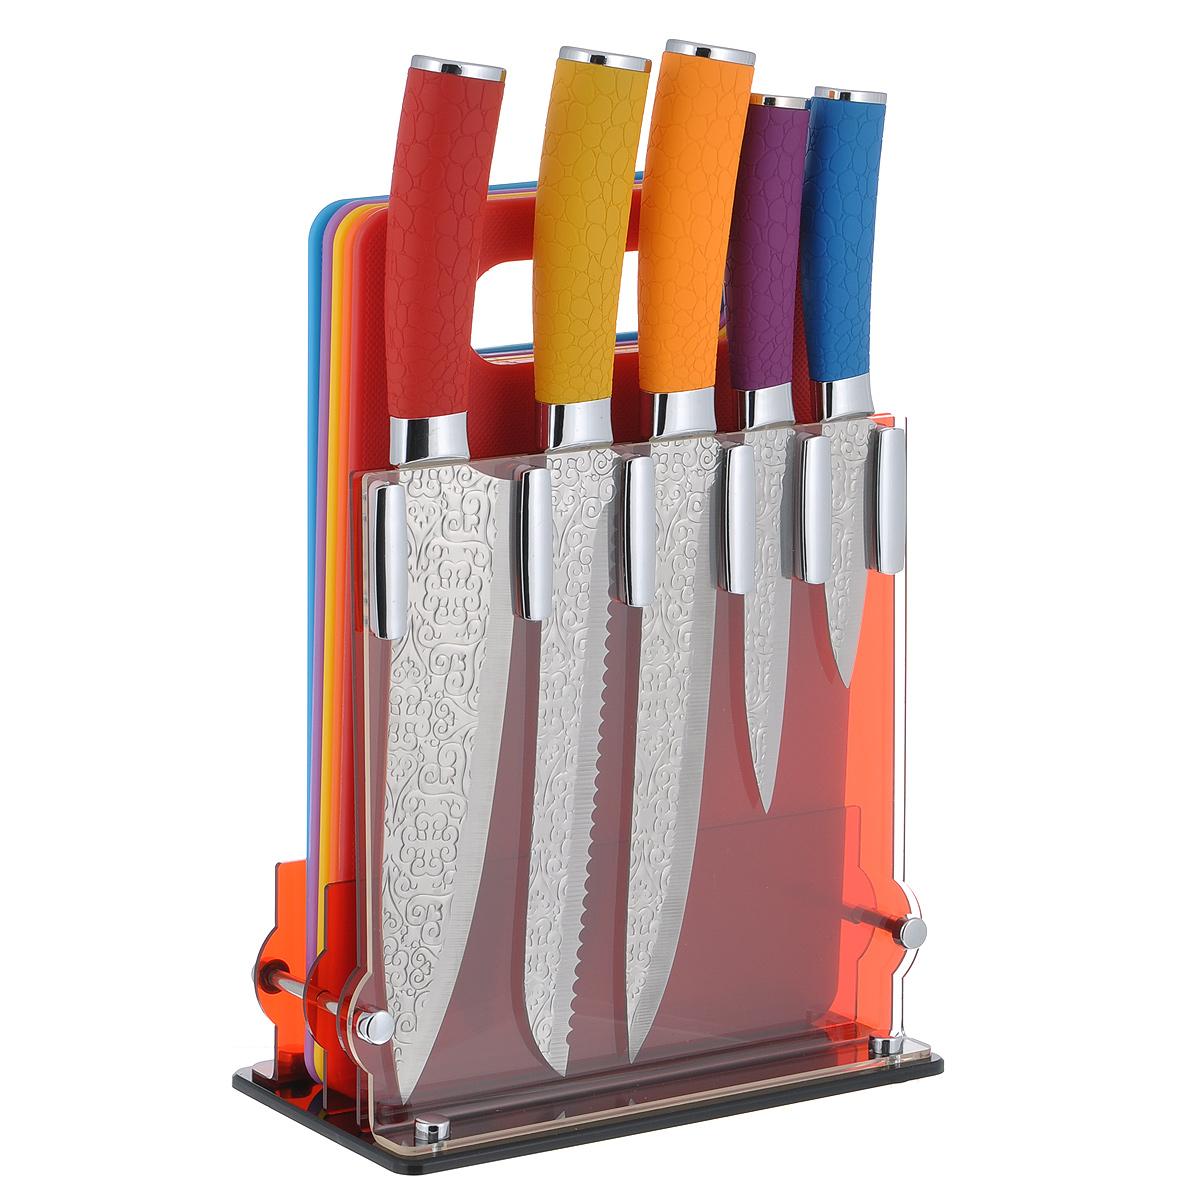 Набор ножей Яркий орнамент, 11 предметовMS14-014Набор ножей Яркий орнамент состоит из поварского ножа, ножа для хлеба, разделочного ножа, универсального ножа и ножа для овощей. Лезвия ножей выполнены из нержавеющей стали с гравировкой в виде изящных узоров. Разноцветные рукоятки эргономичной формы изготовлены из бакелита с прорезиненной поверхностью и украшены рельефом. В наборе также имеется 5 пластиковых разделочных досок, цвет которых соответствует цвету рукояток ножей. То есть для каждого ножа предусмотрена своя разделочная доска, чтобы не происходило смешение запахов. Подставка выполнена из прозрачного акрила красного цвета и оснащена выемками как для ножей, так и для разделочных досок. Прекрасный набор для ежедневной резки фруктов, овощей, мяса, хлеба, сыра и других продуктов. Яркий и актуальный набор ножей стильно дополнит интерьер вашей кухни и поможет в приготовлении блюд. Длина лезвия поварского ножа: 20 см. Общая длина поварского ножа: 33 см. Длина лезвия ножа для...